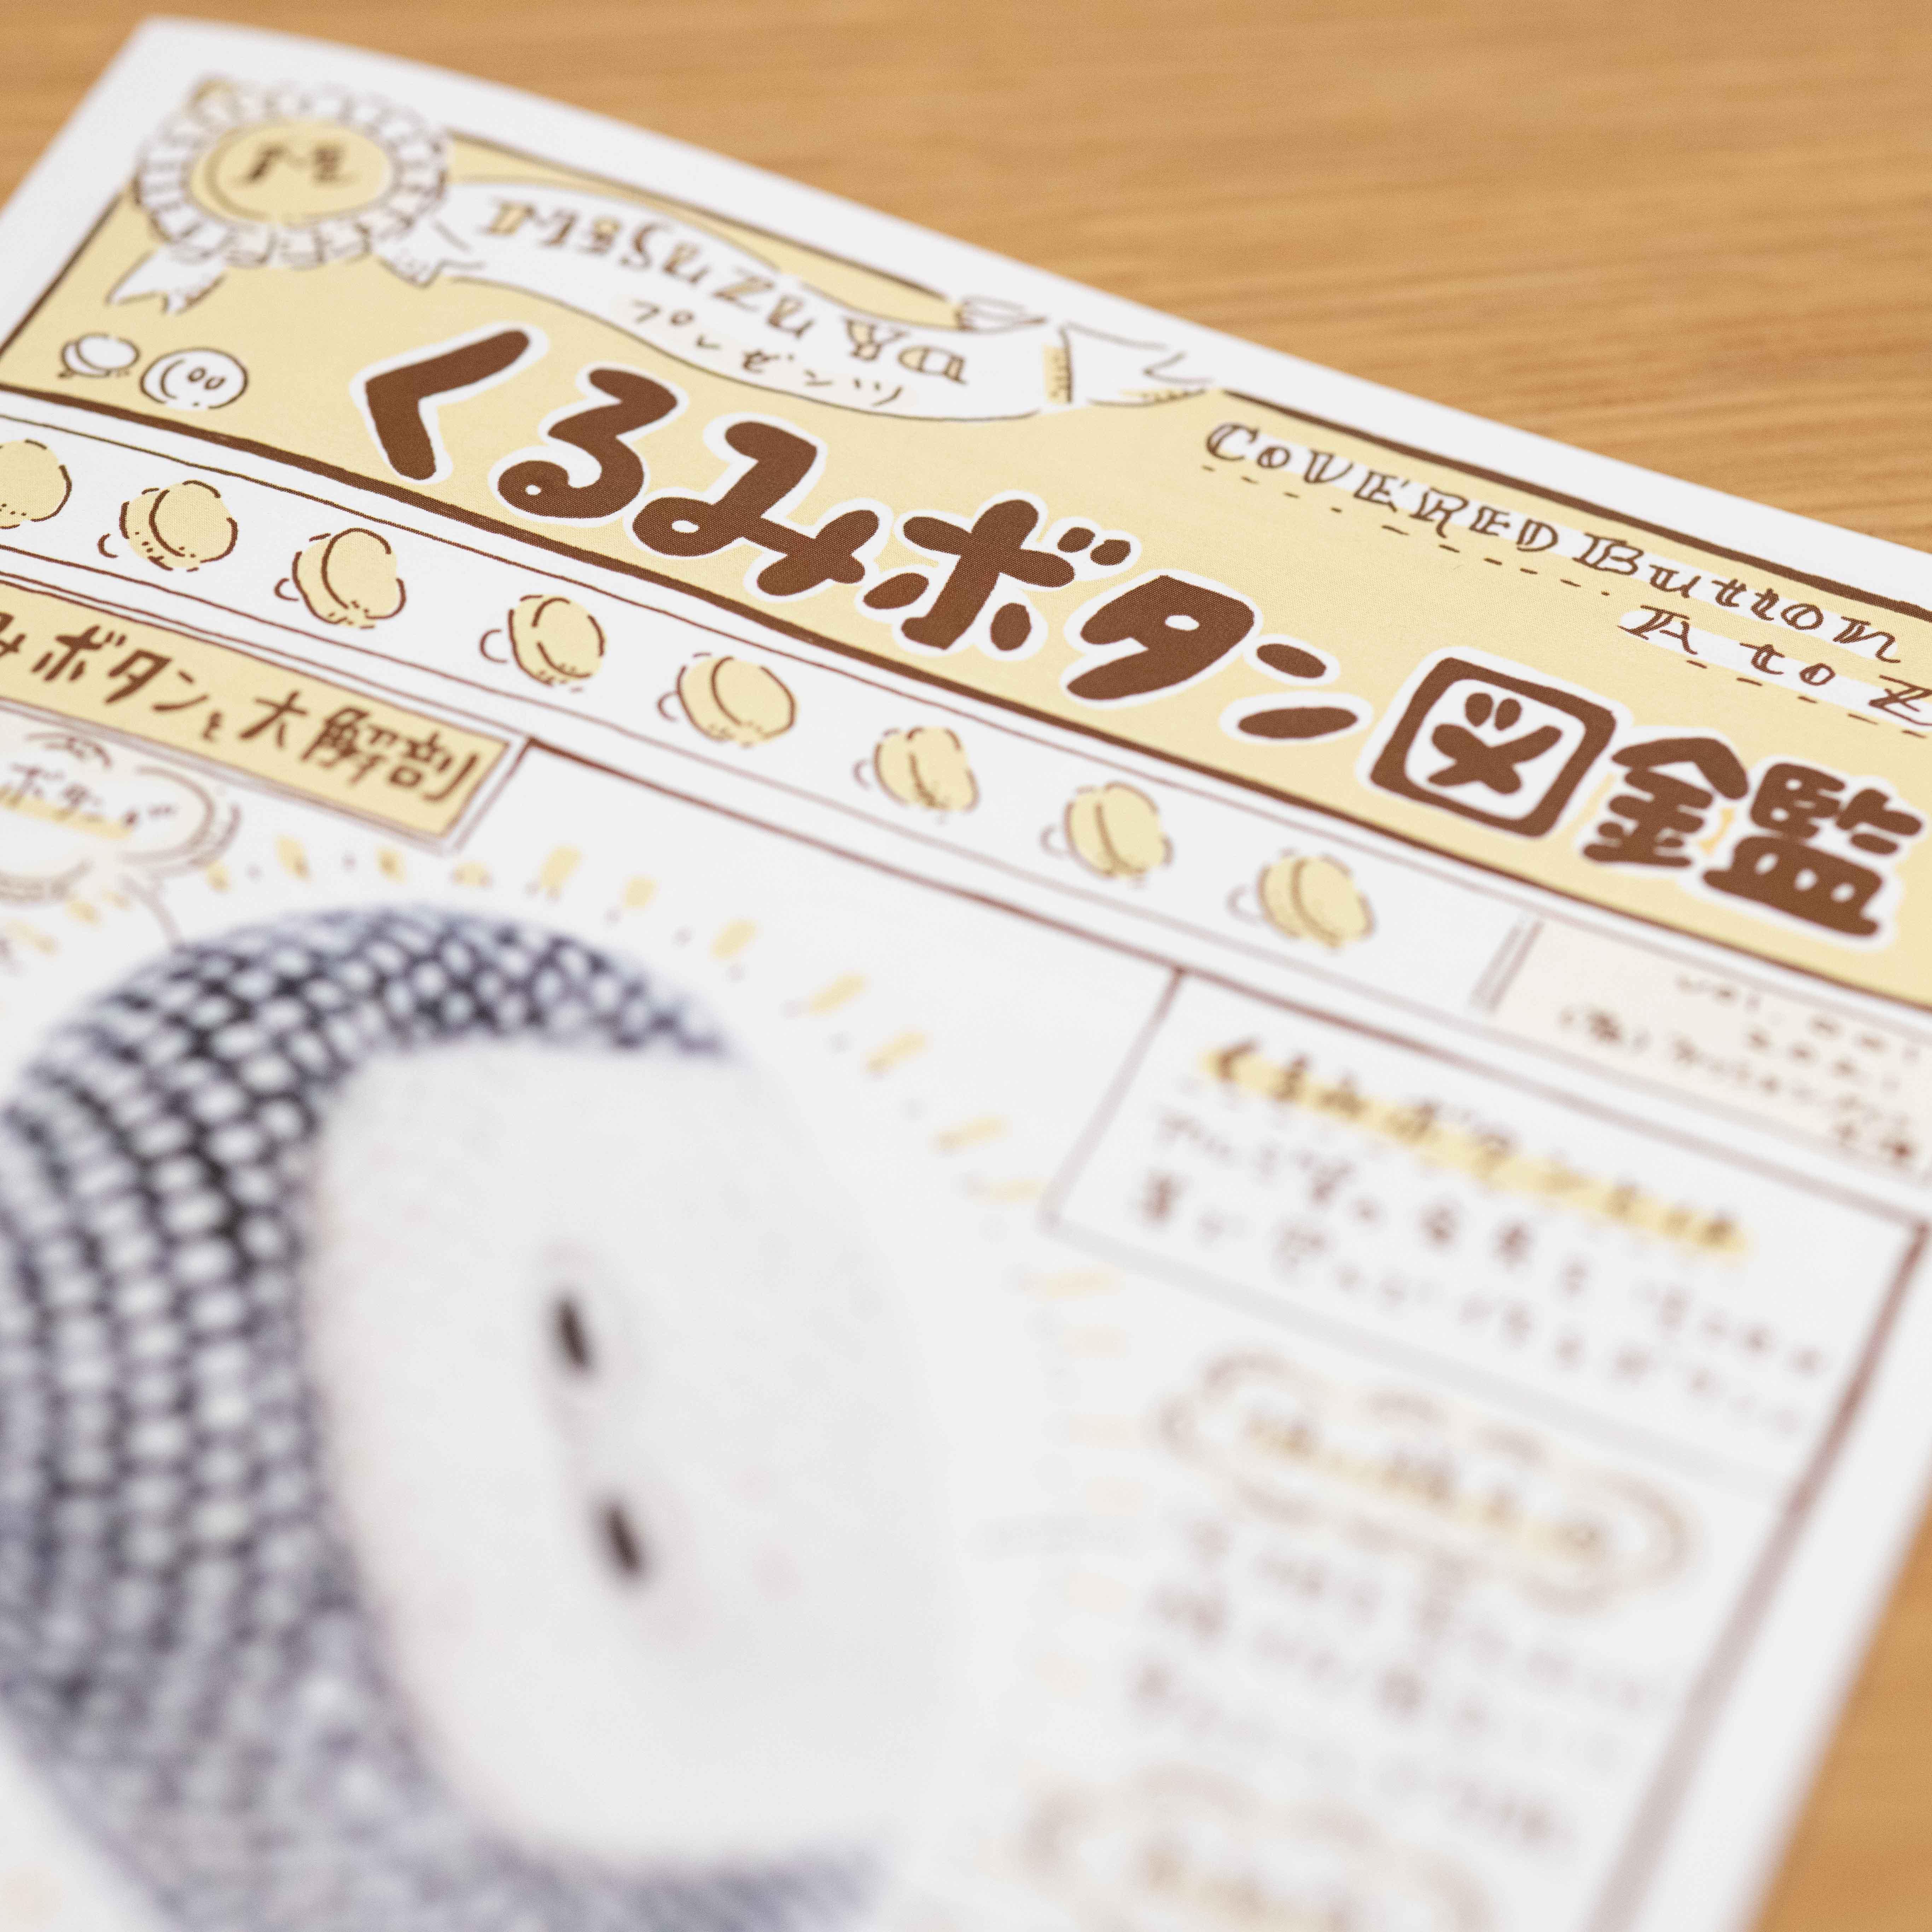 くるみボタン図鑑